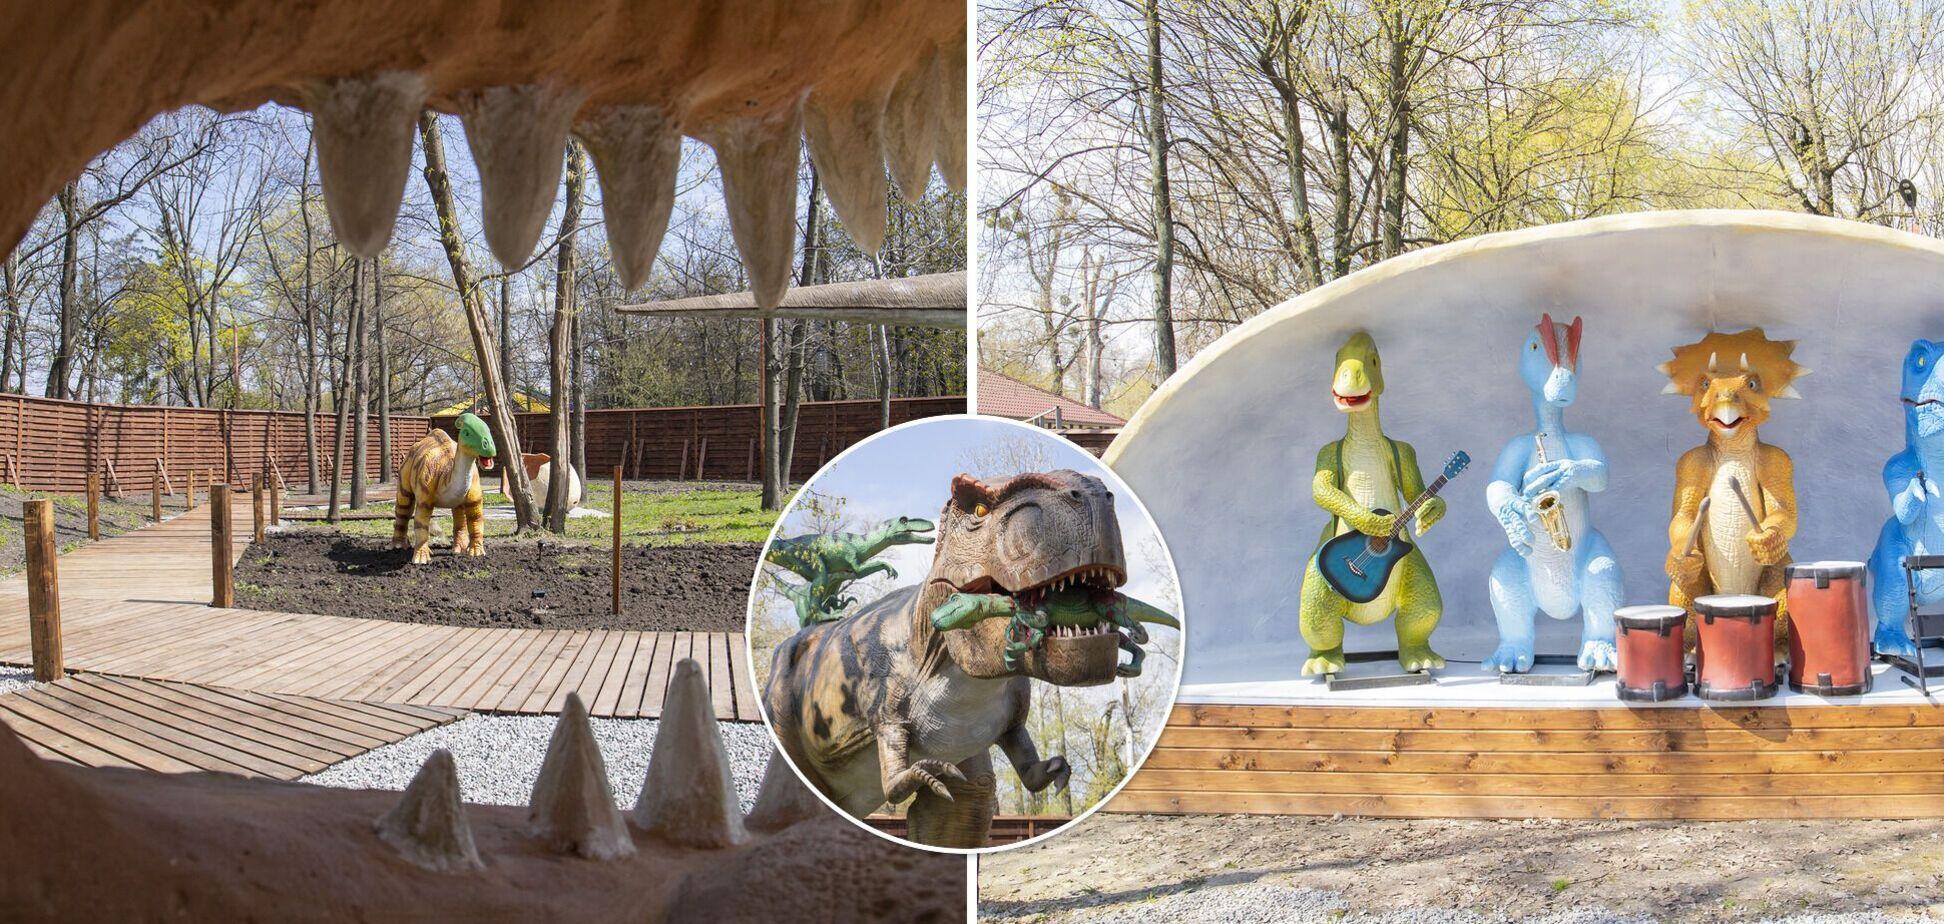 Величезні і зовсім не страшні: у Києві відкрили найбільший парк динозаврів в Україні. Фото